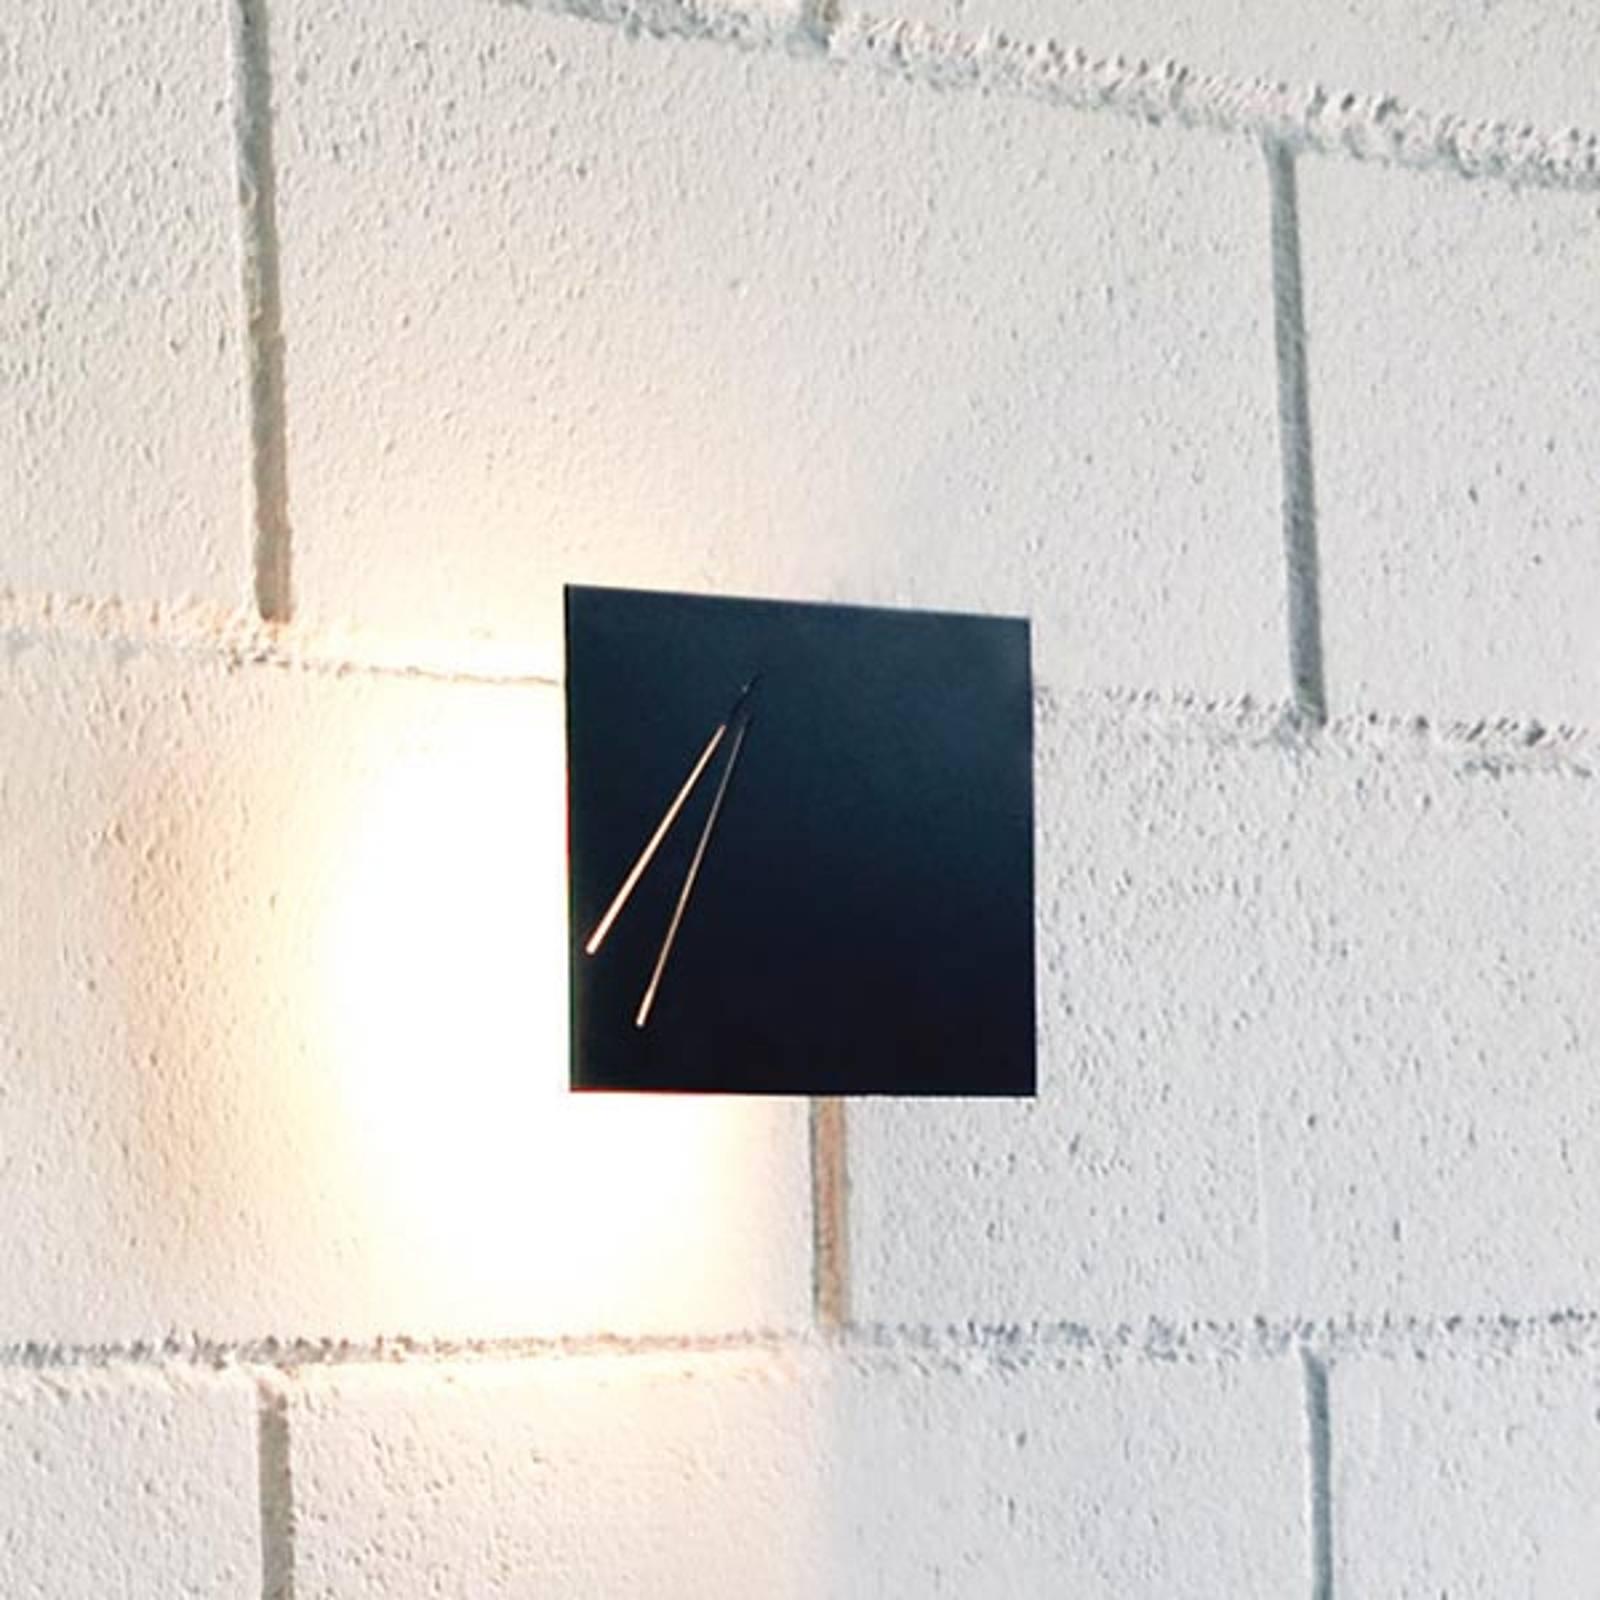 Des.agn - applique nera di design italiano